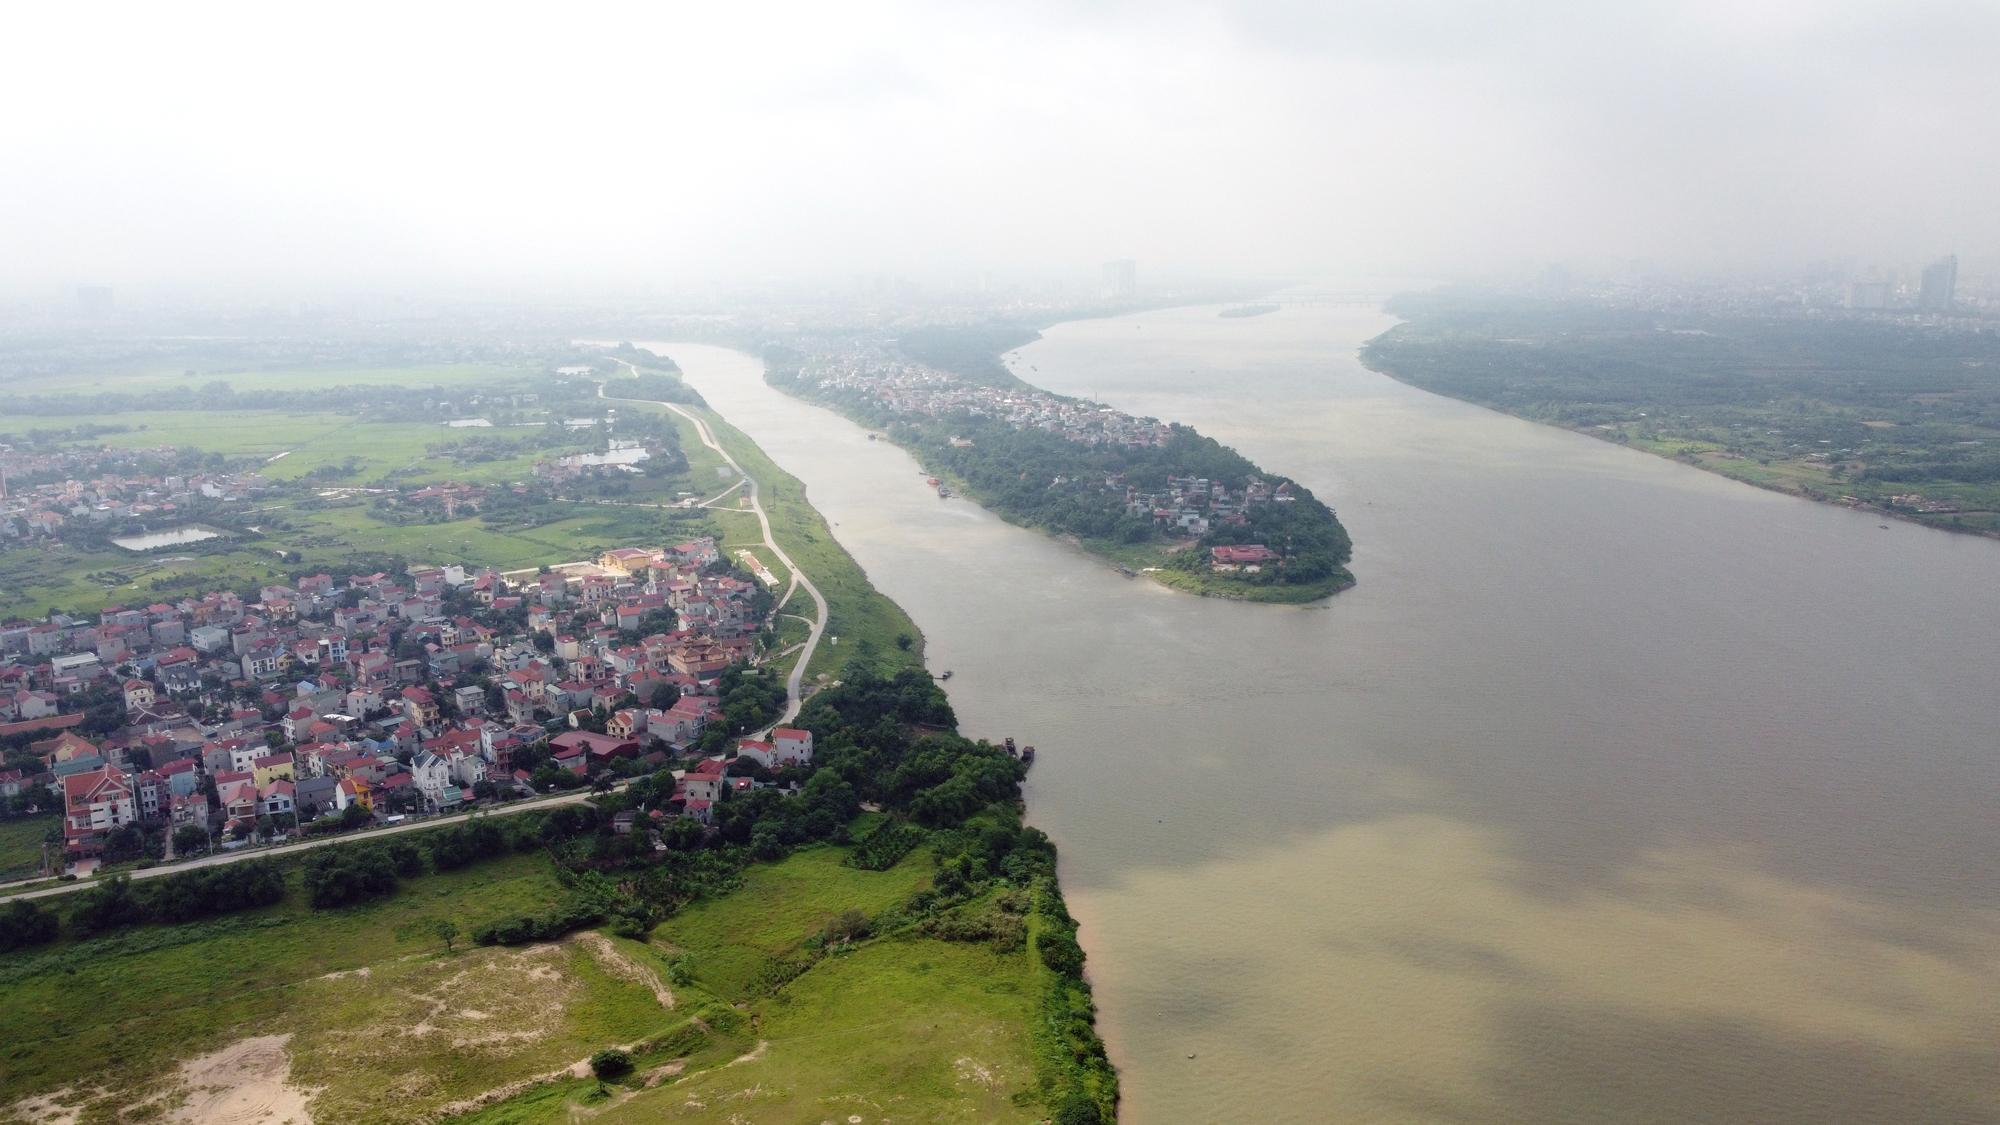 Hà Nội: Toàn cảnh các khu dân cư ven sông Hồng, sông Đuống thuộc diện di dời - Ảnh 1.